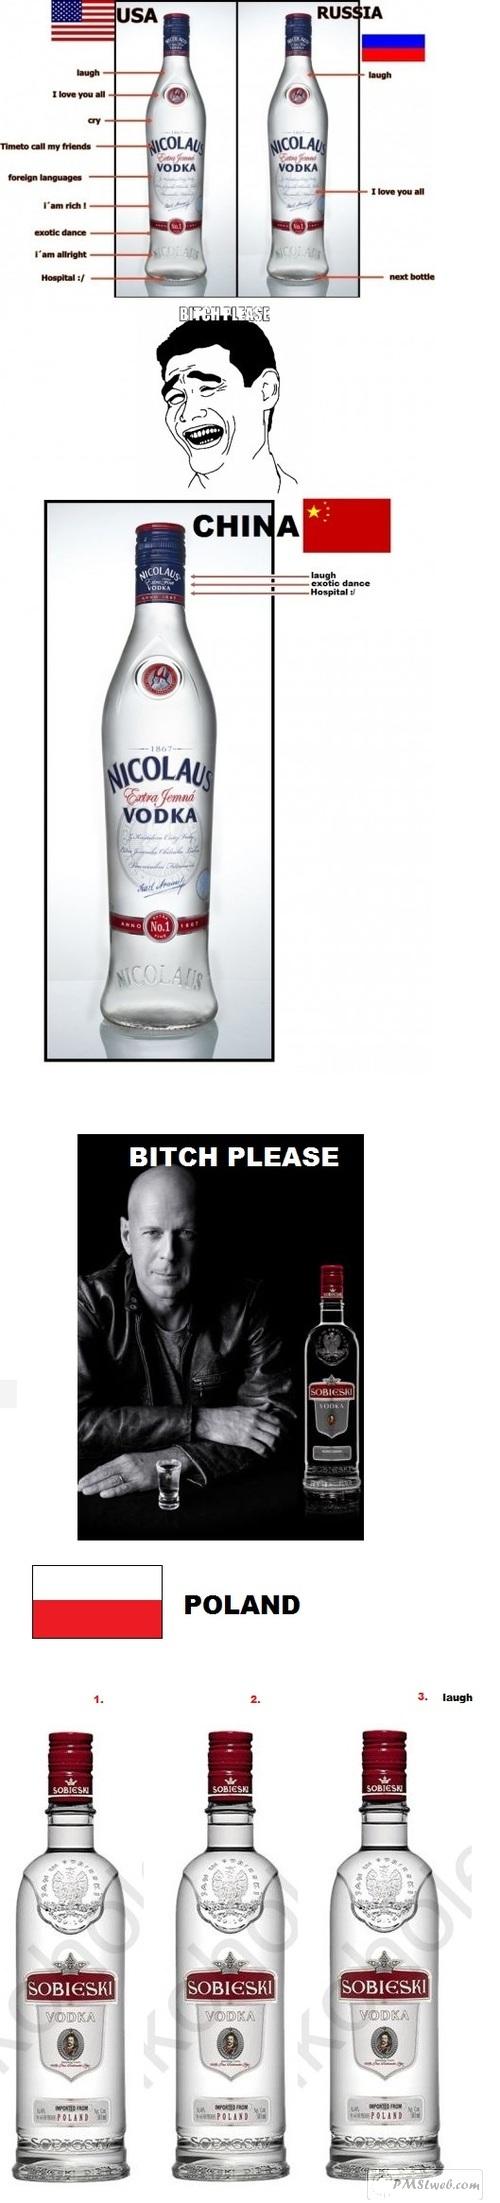 funny-polish-drinking